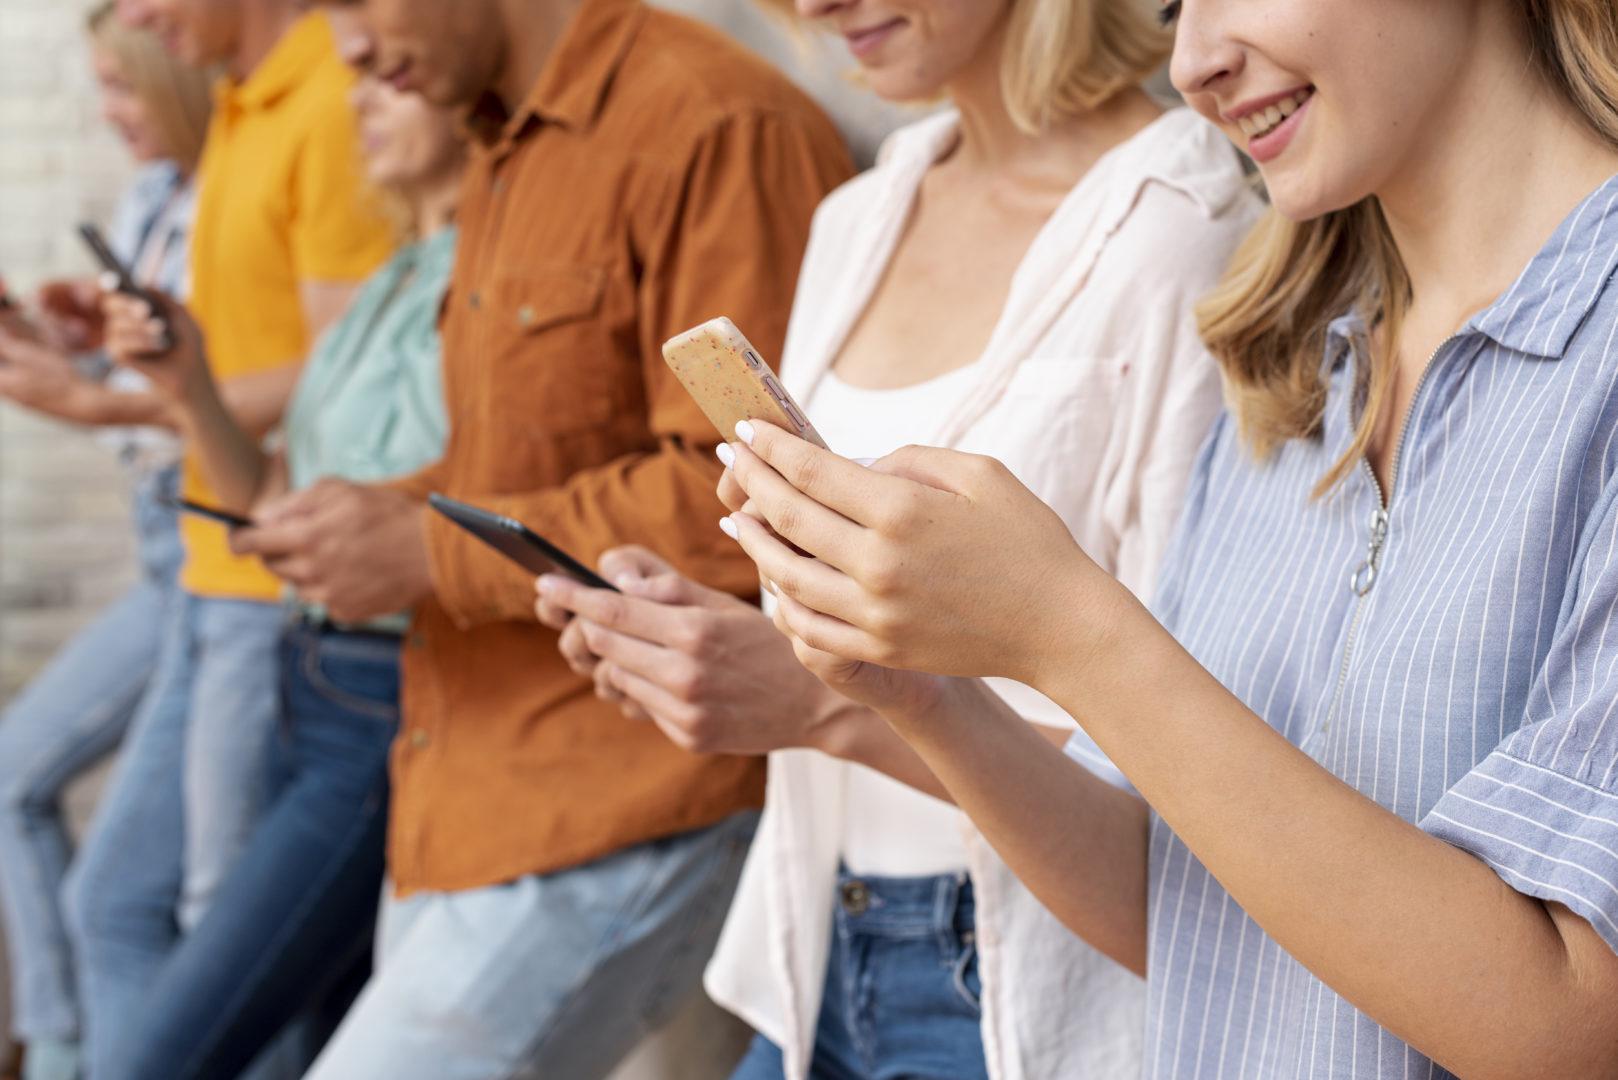 Amigos con el móvil en la mano